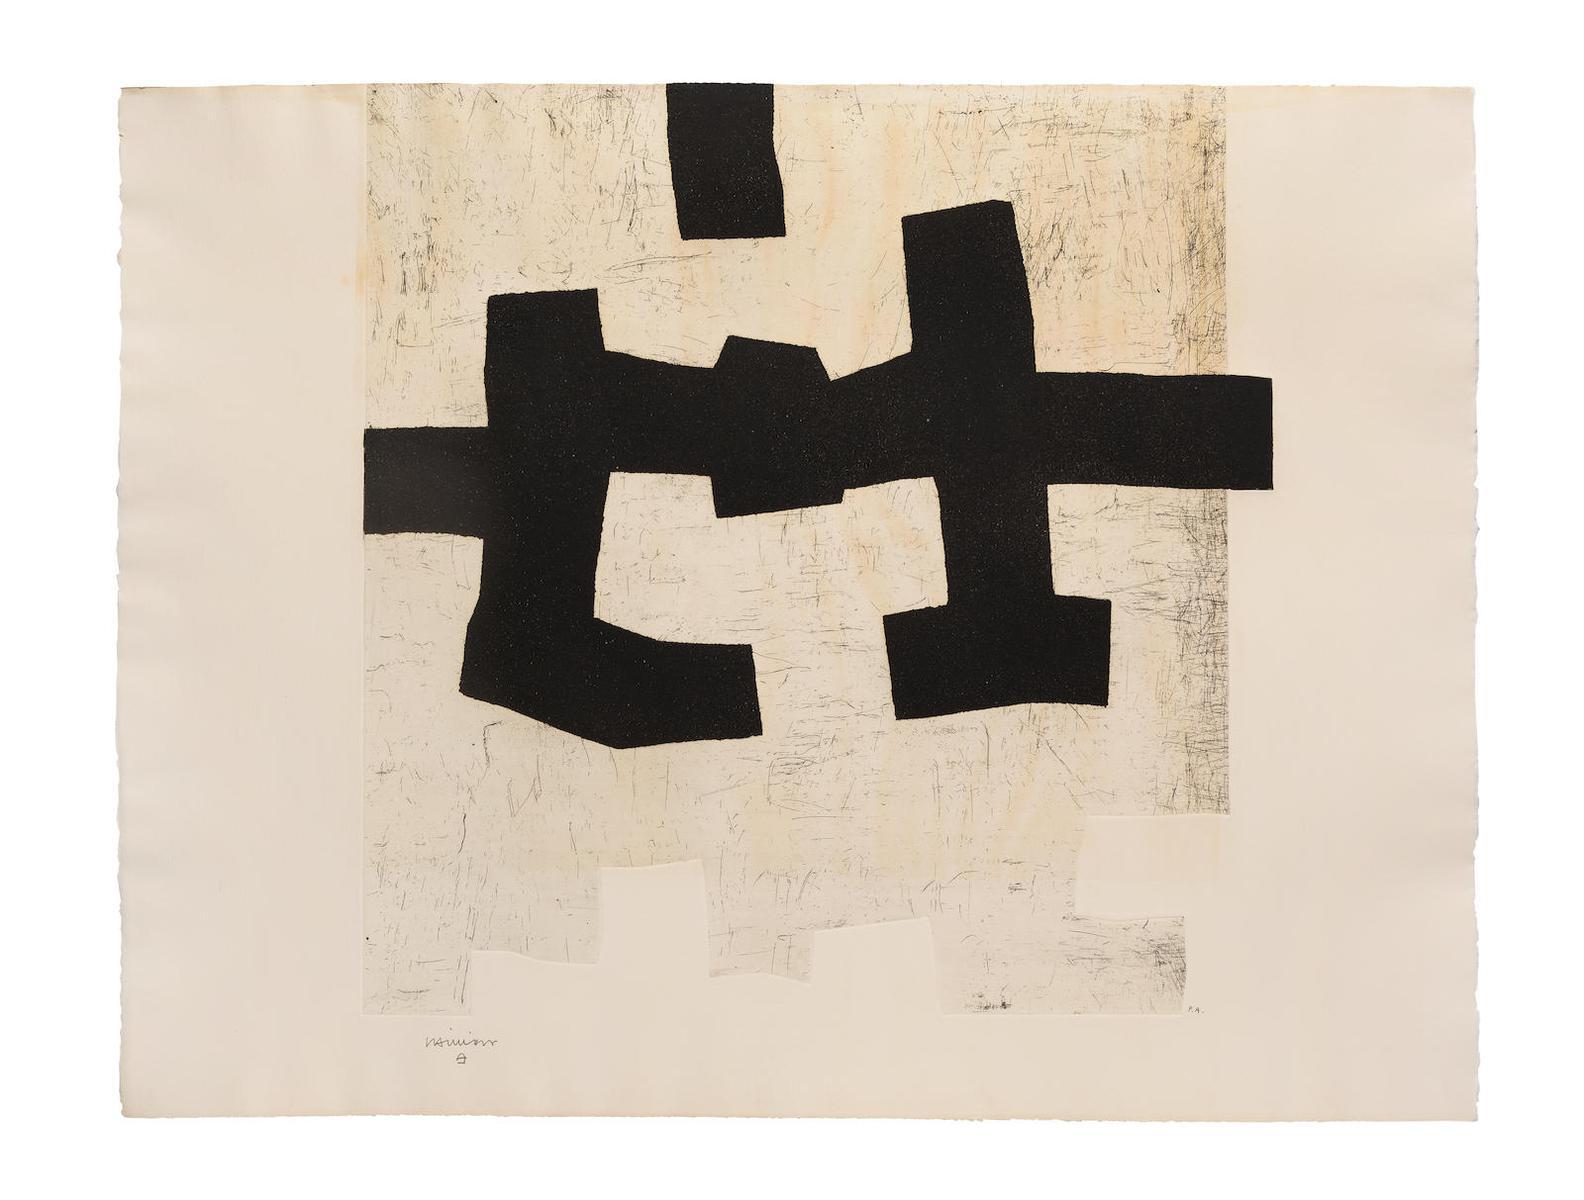 Eduardo Chillida-Aldikatu I (Koelen 72009)-1972